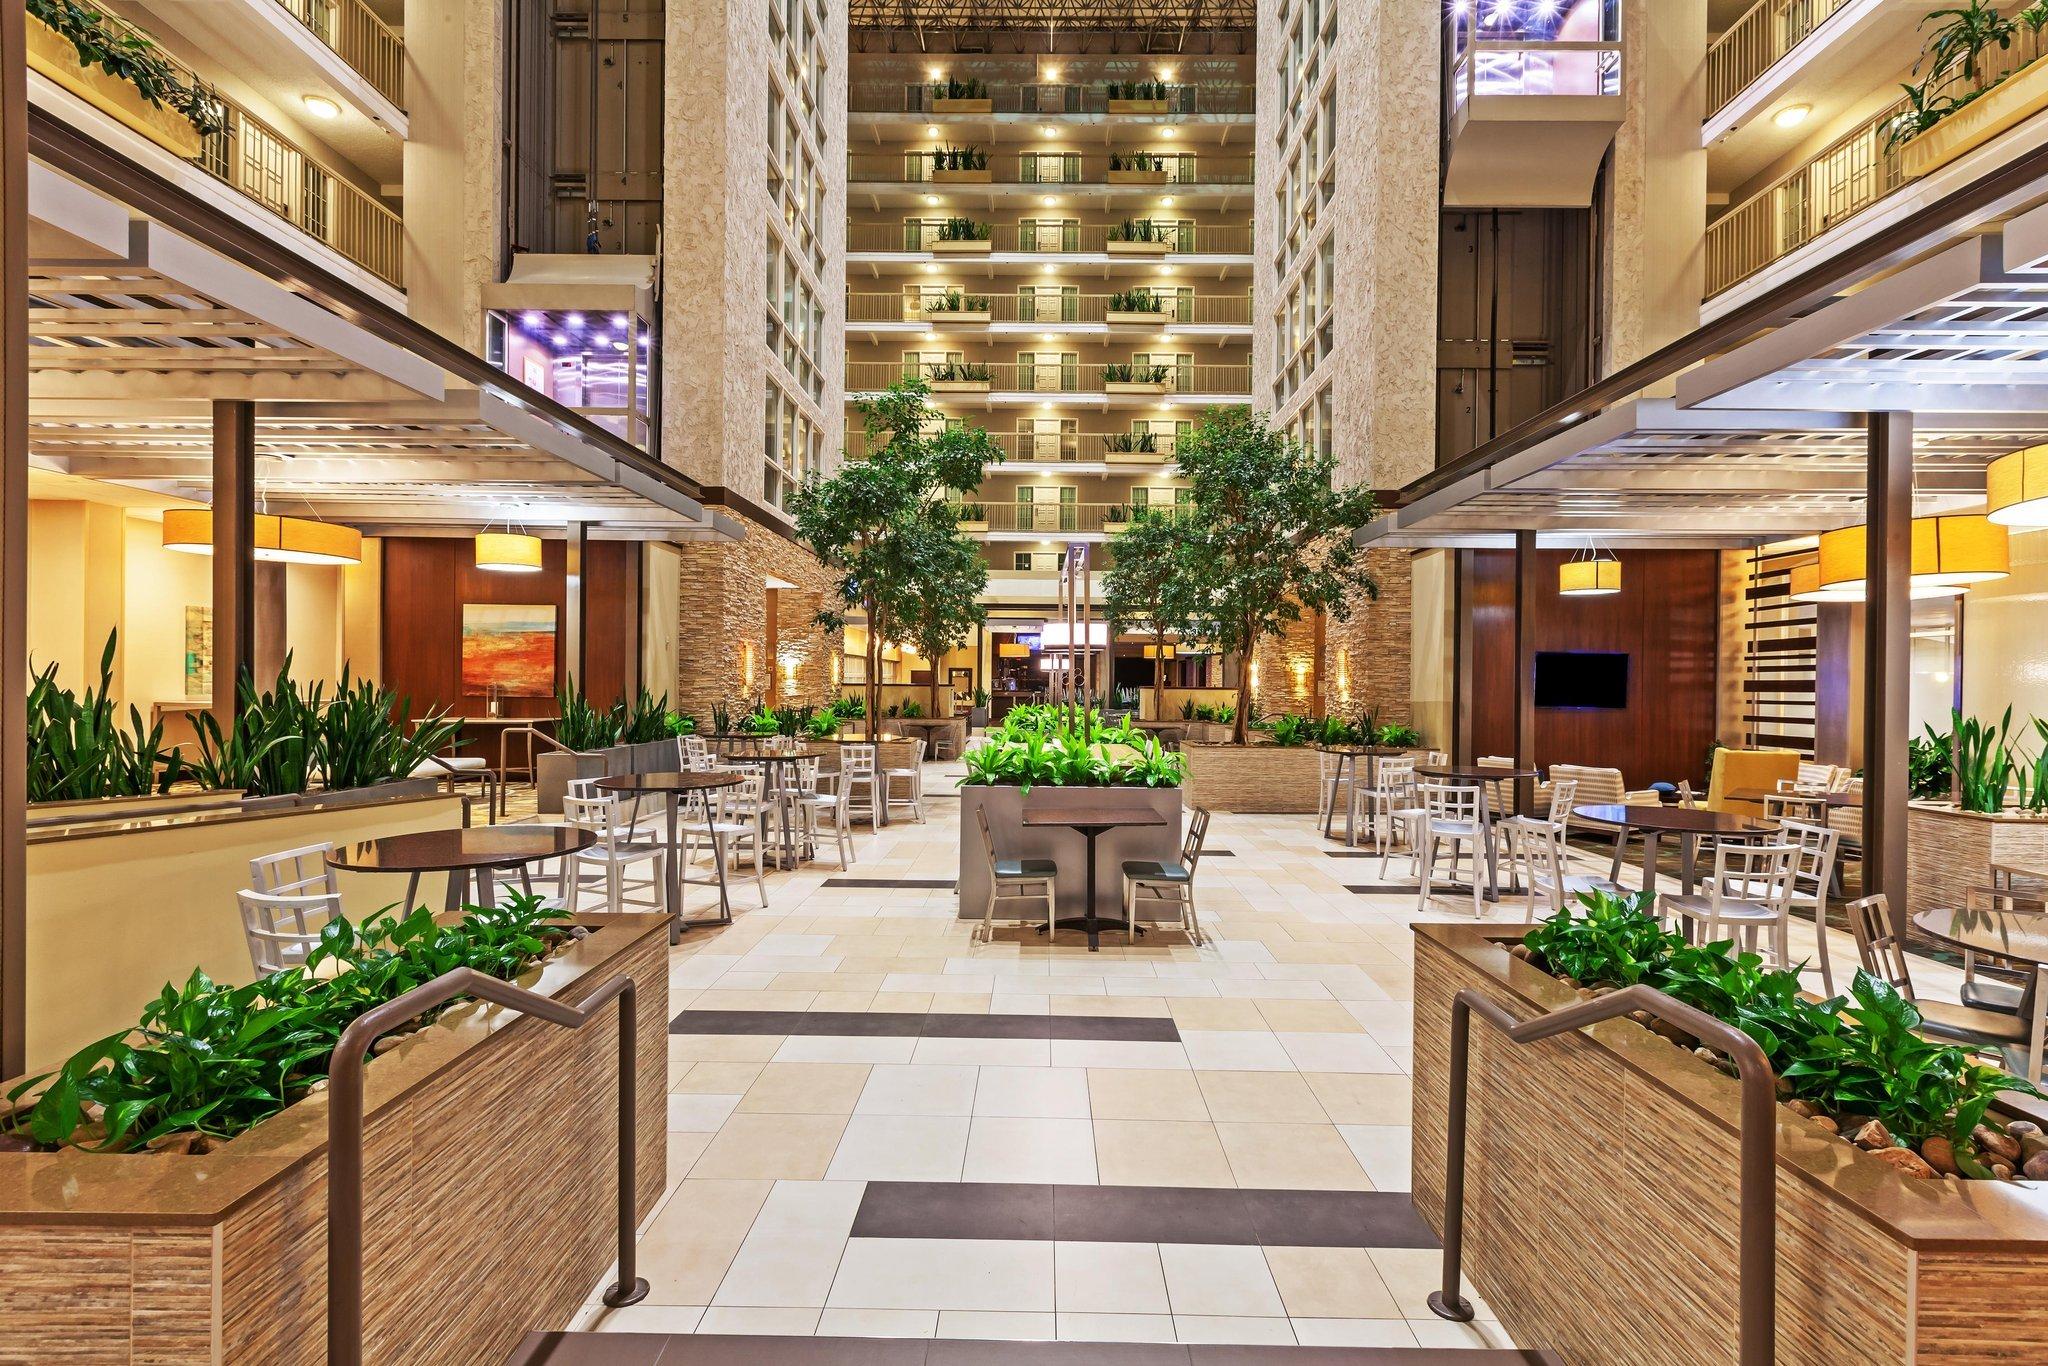 エンバシー スイーツ ホテル ダラス マーケット センター